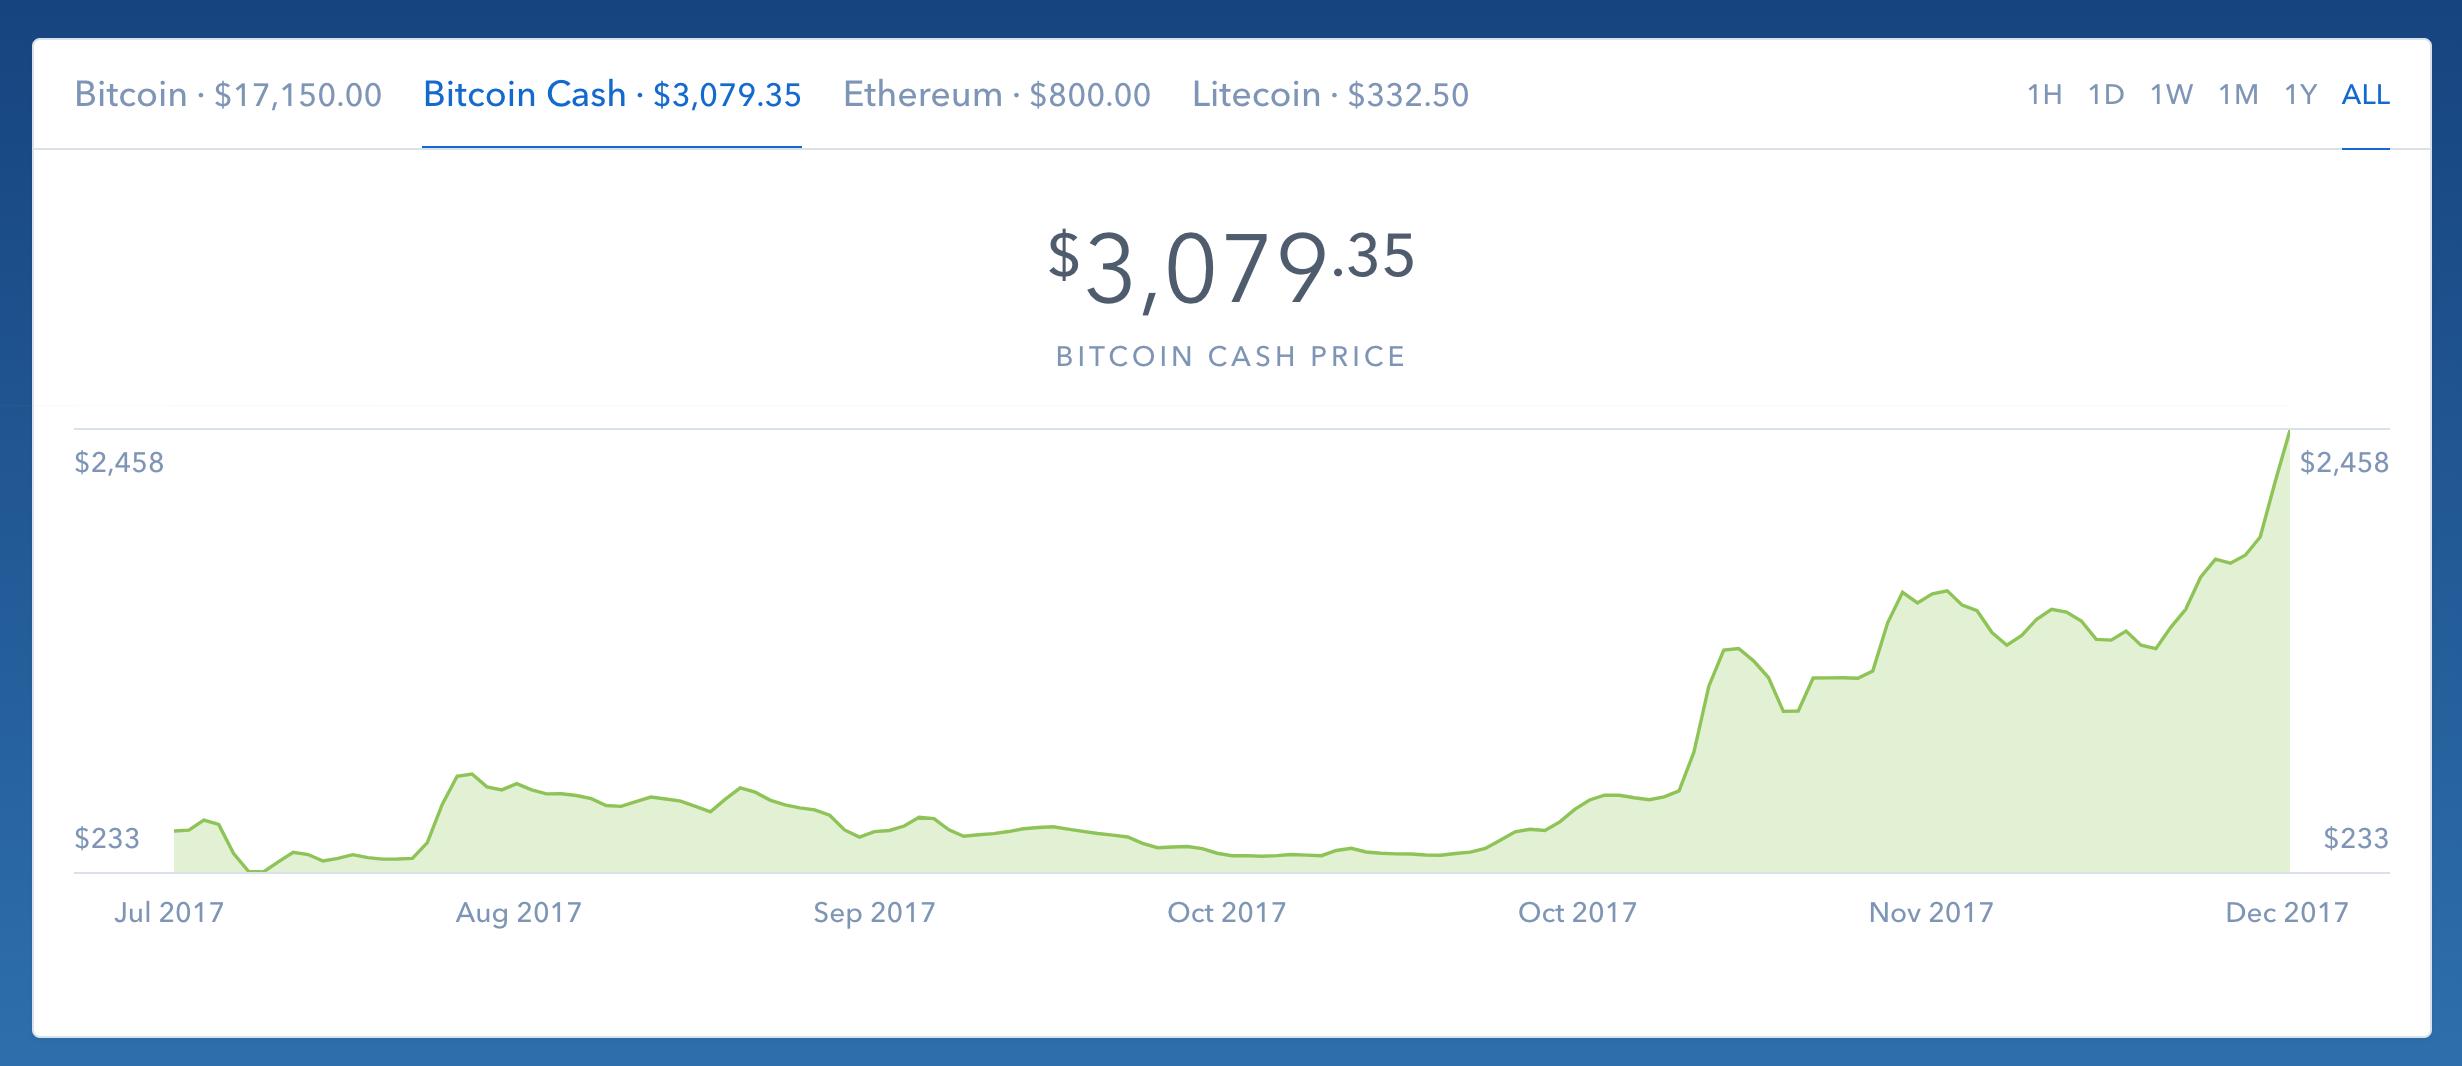 Vývoj ceny Bitcoin Cash od letošního léta